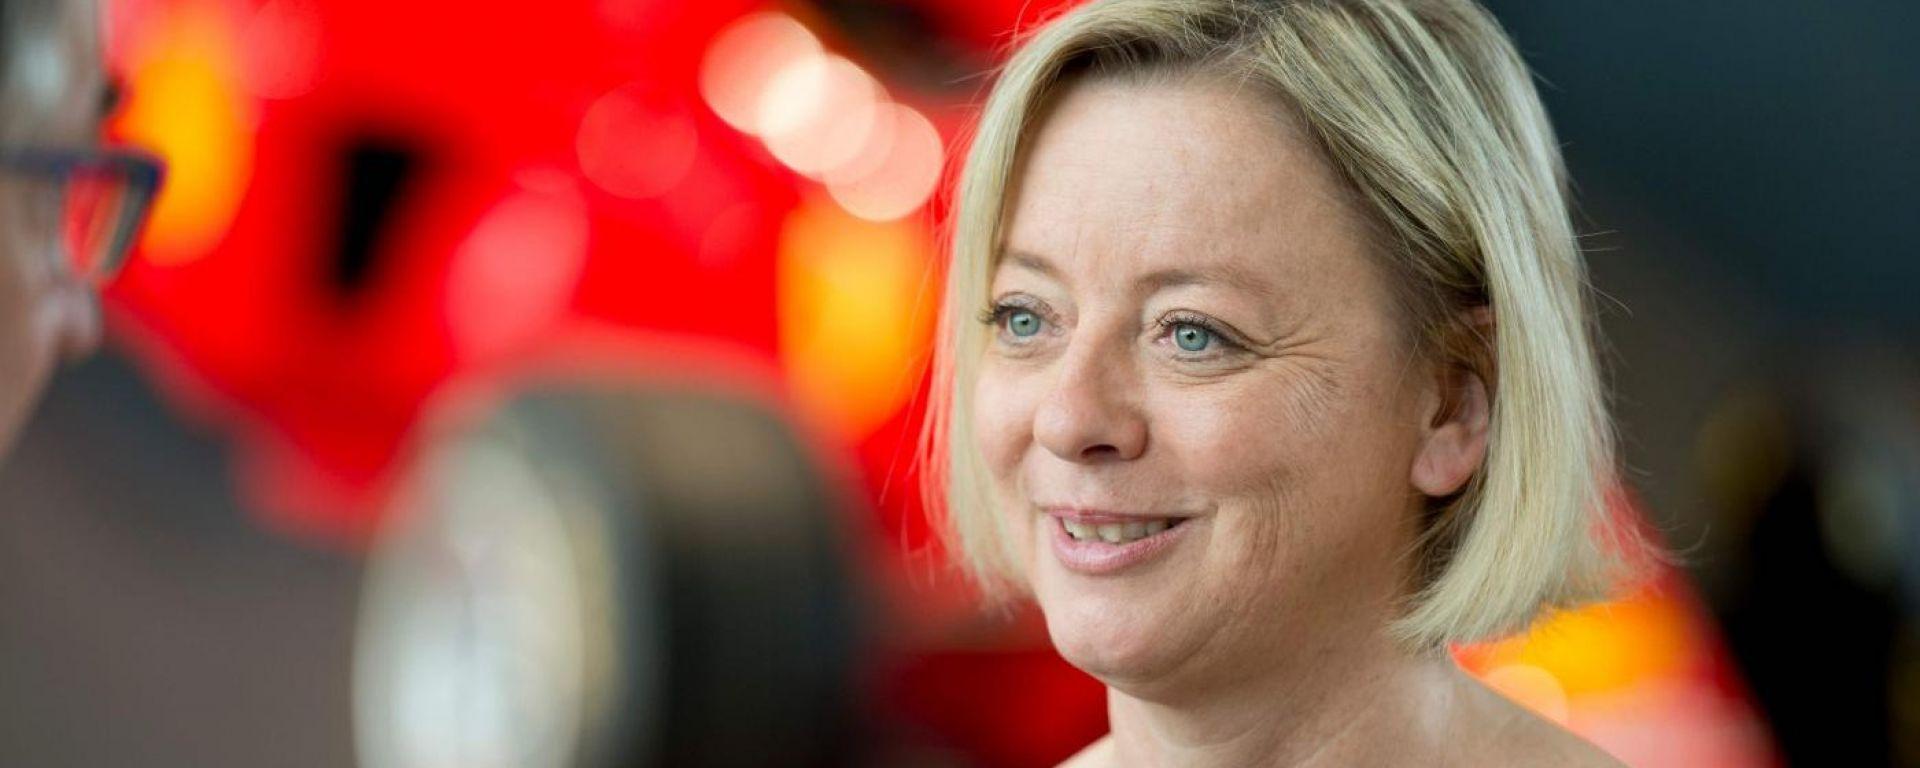 Schumacher: parla la manager Sabine Kehm